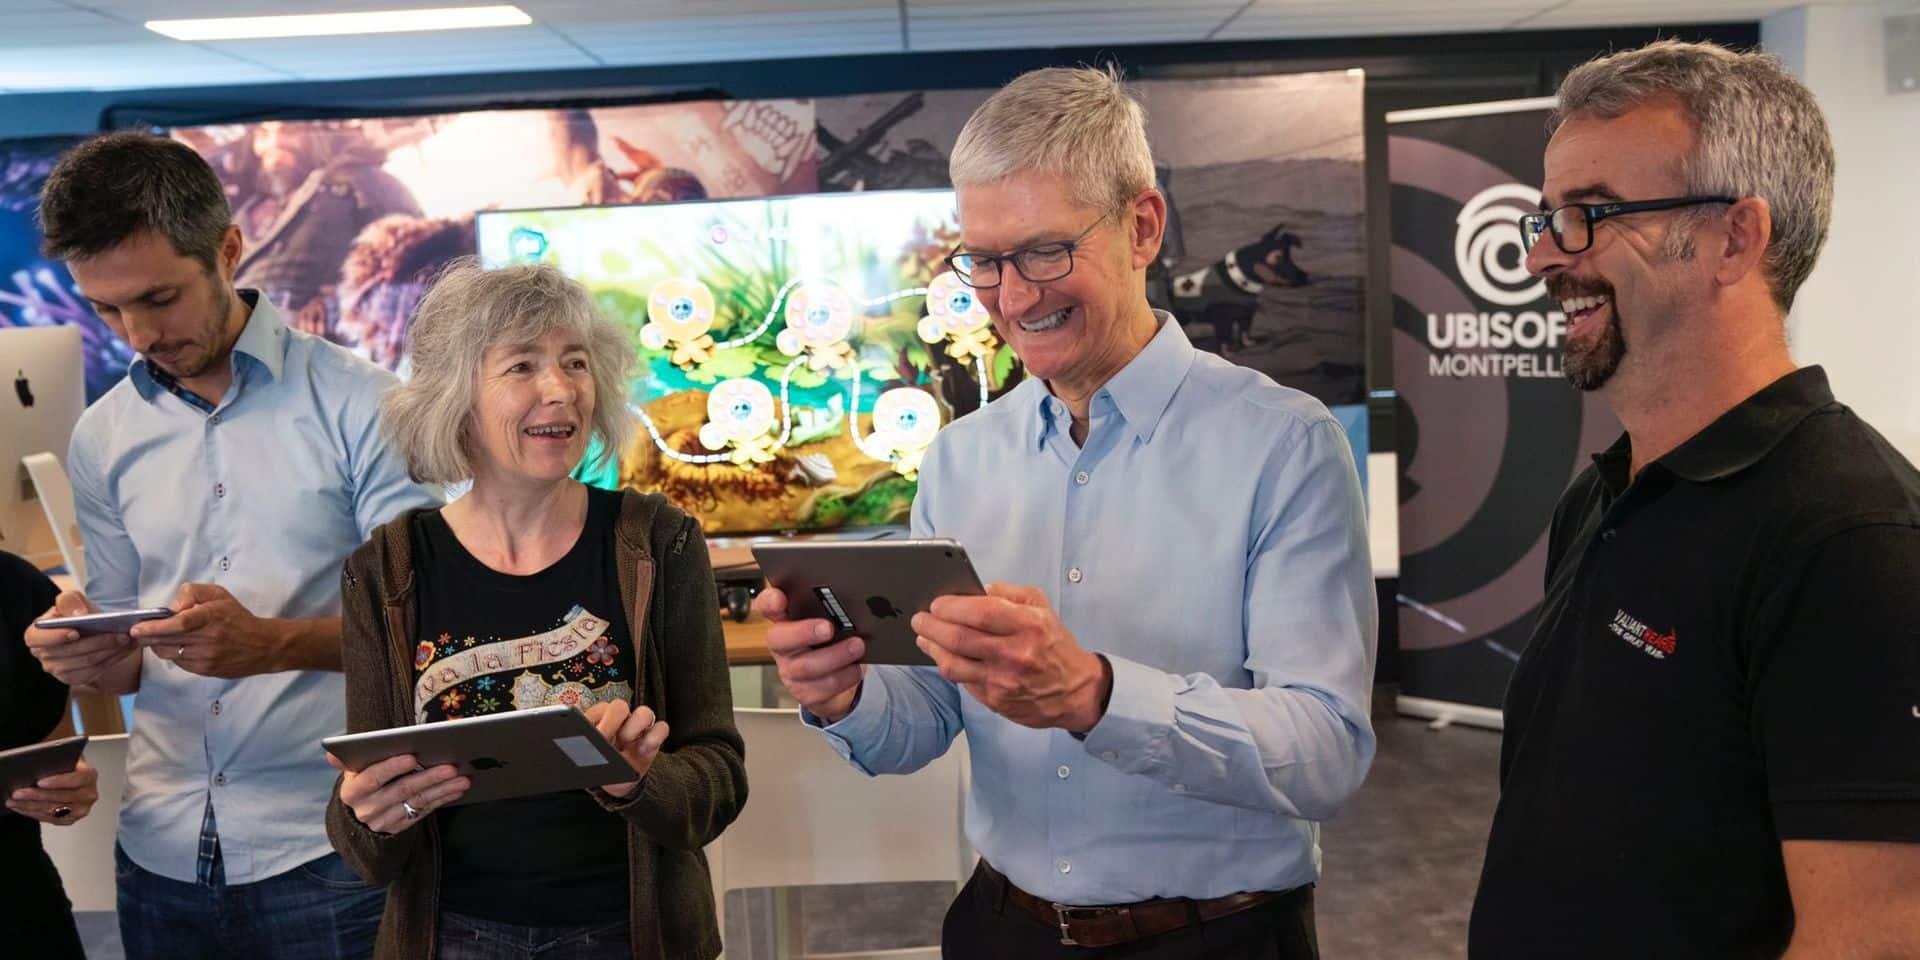 Visite surprise du patron d'Apple pour féliciter les développeurs d'Ubisoft Montpellier